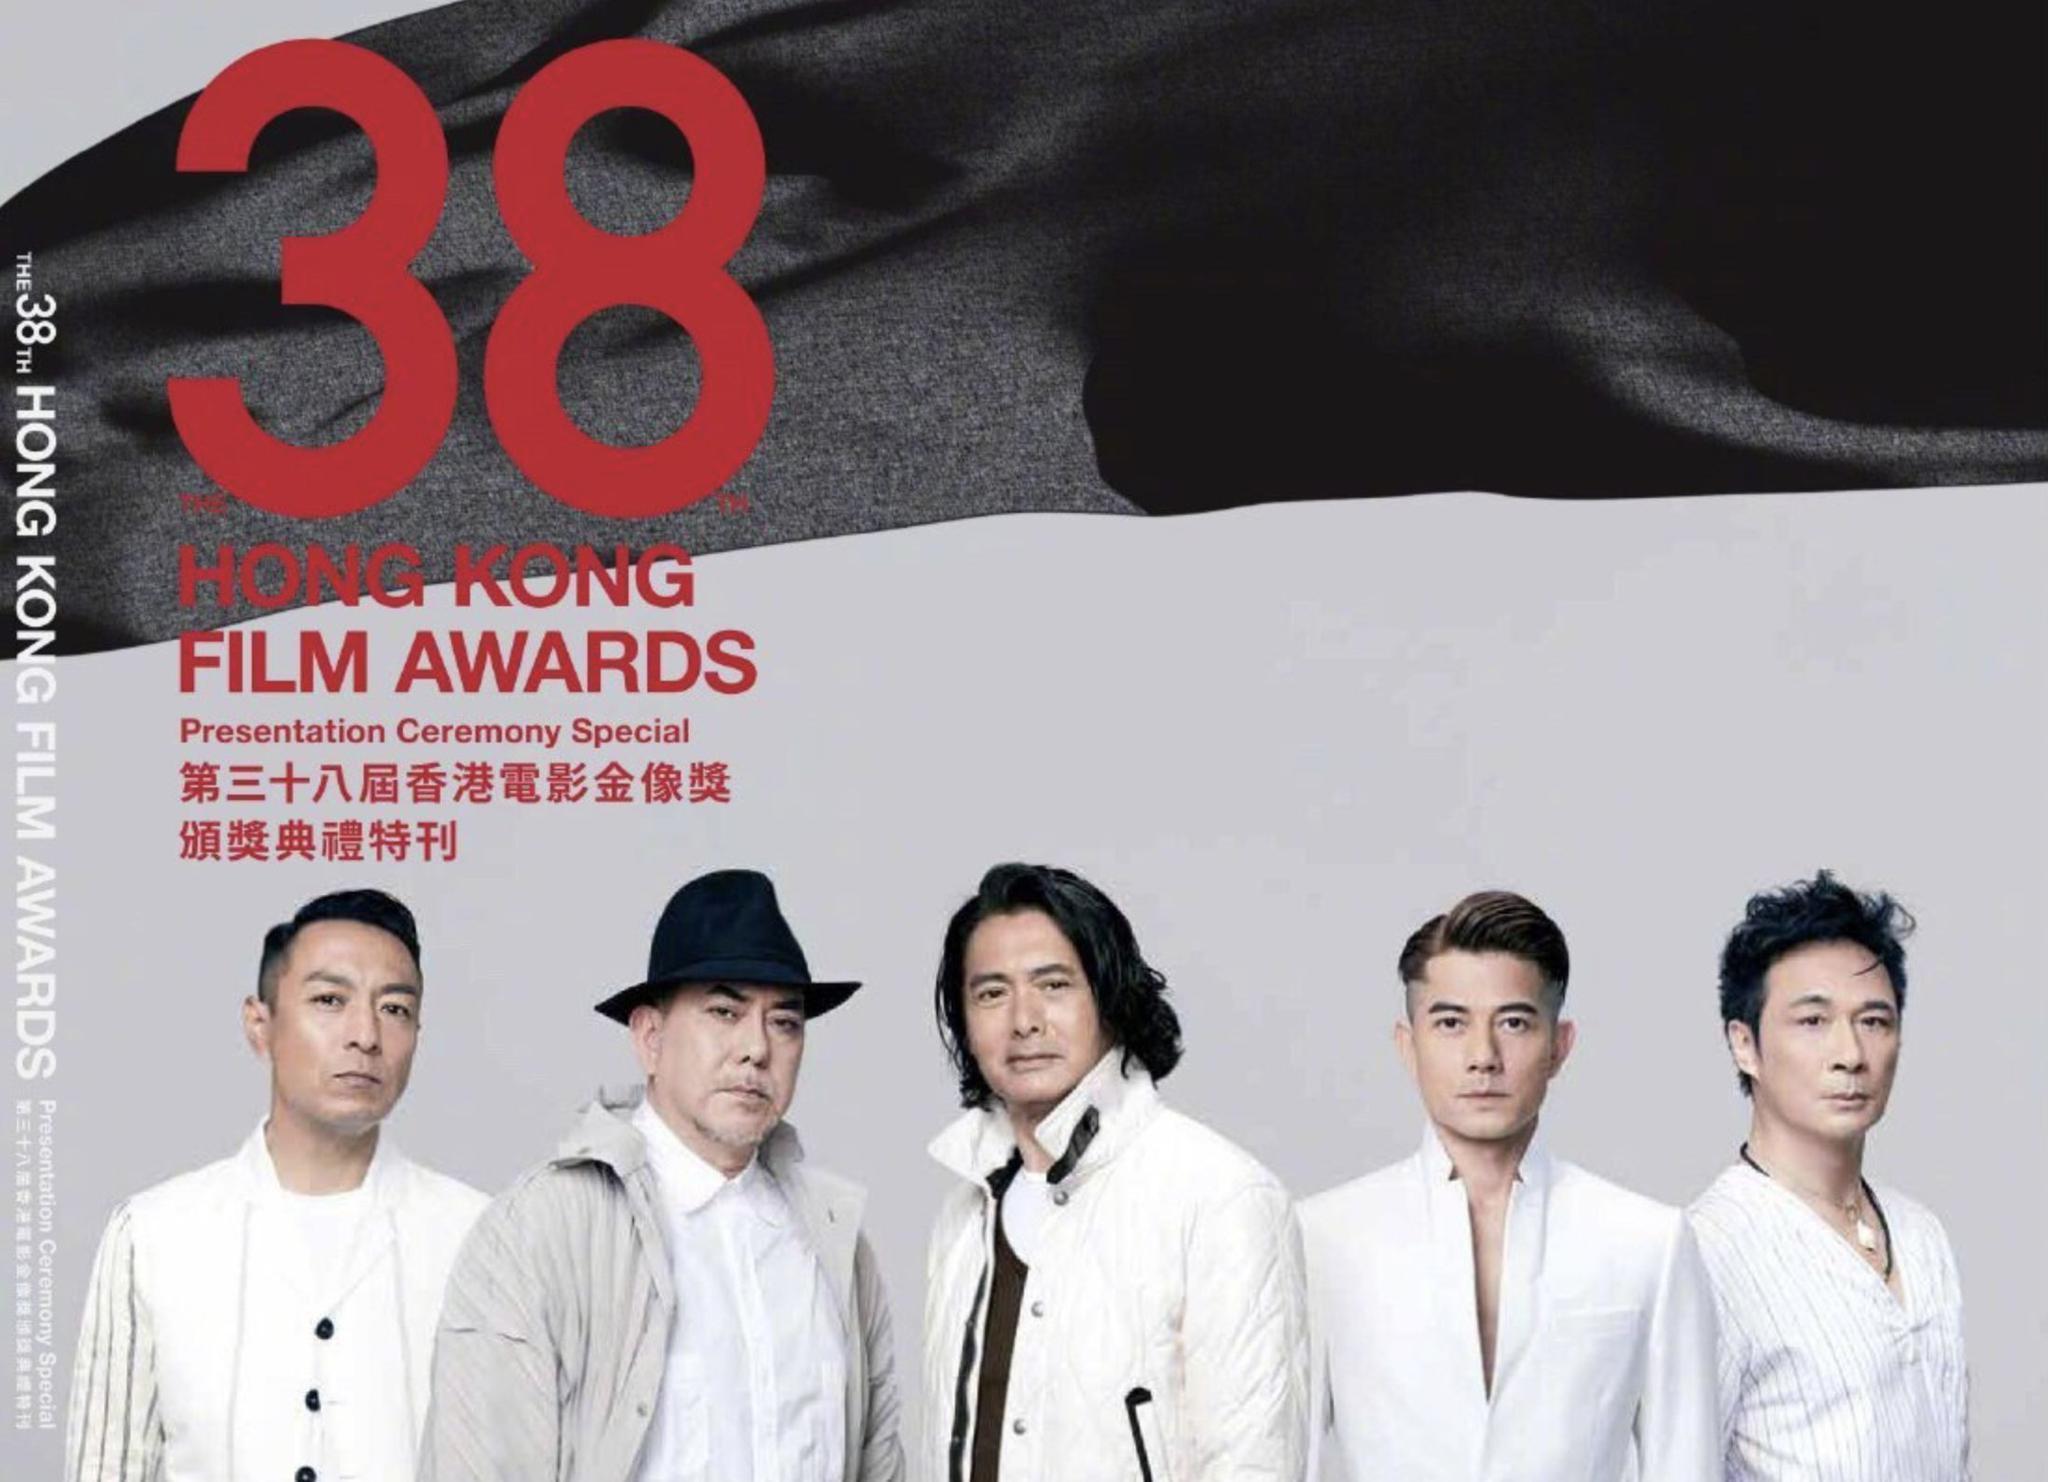 第38届香港电影金像奖:无双或将成为最大赢家!